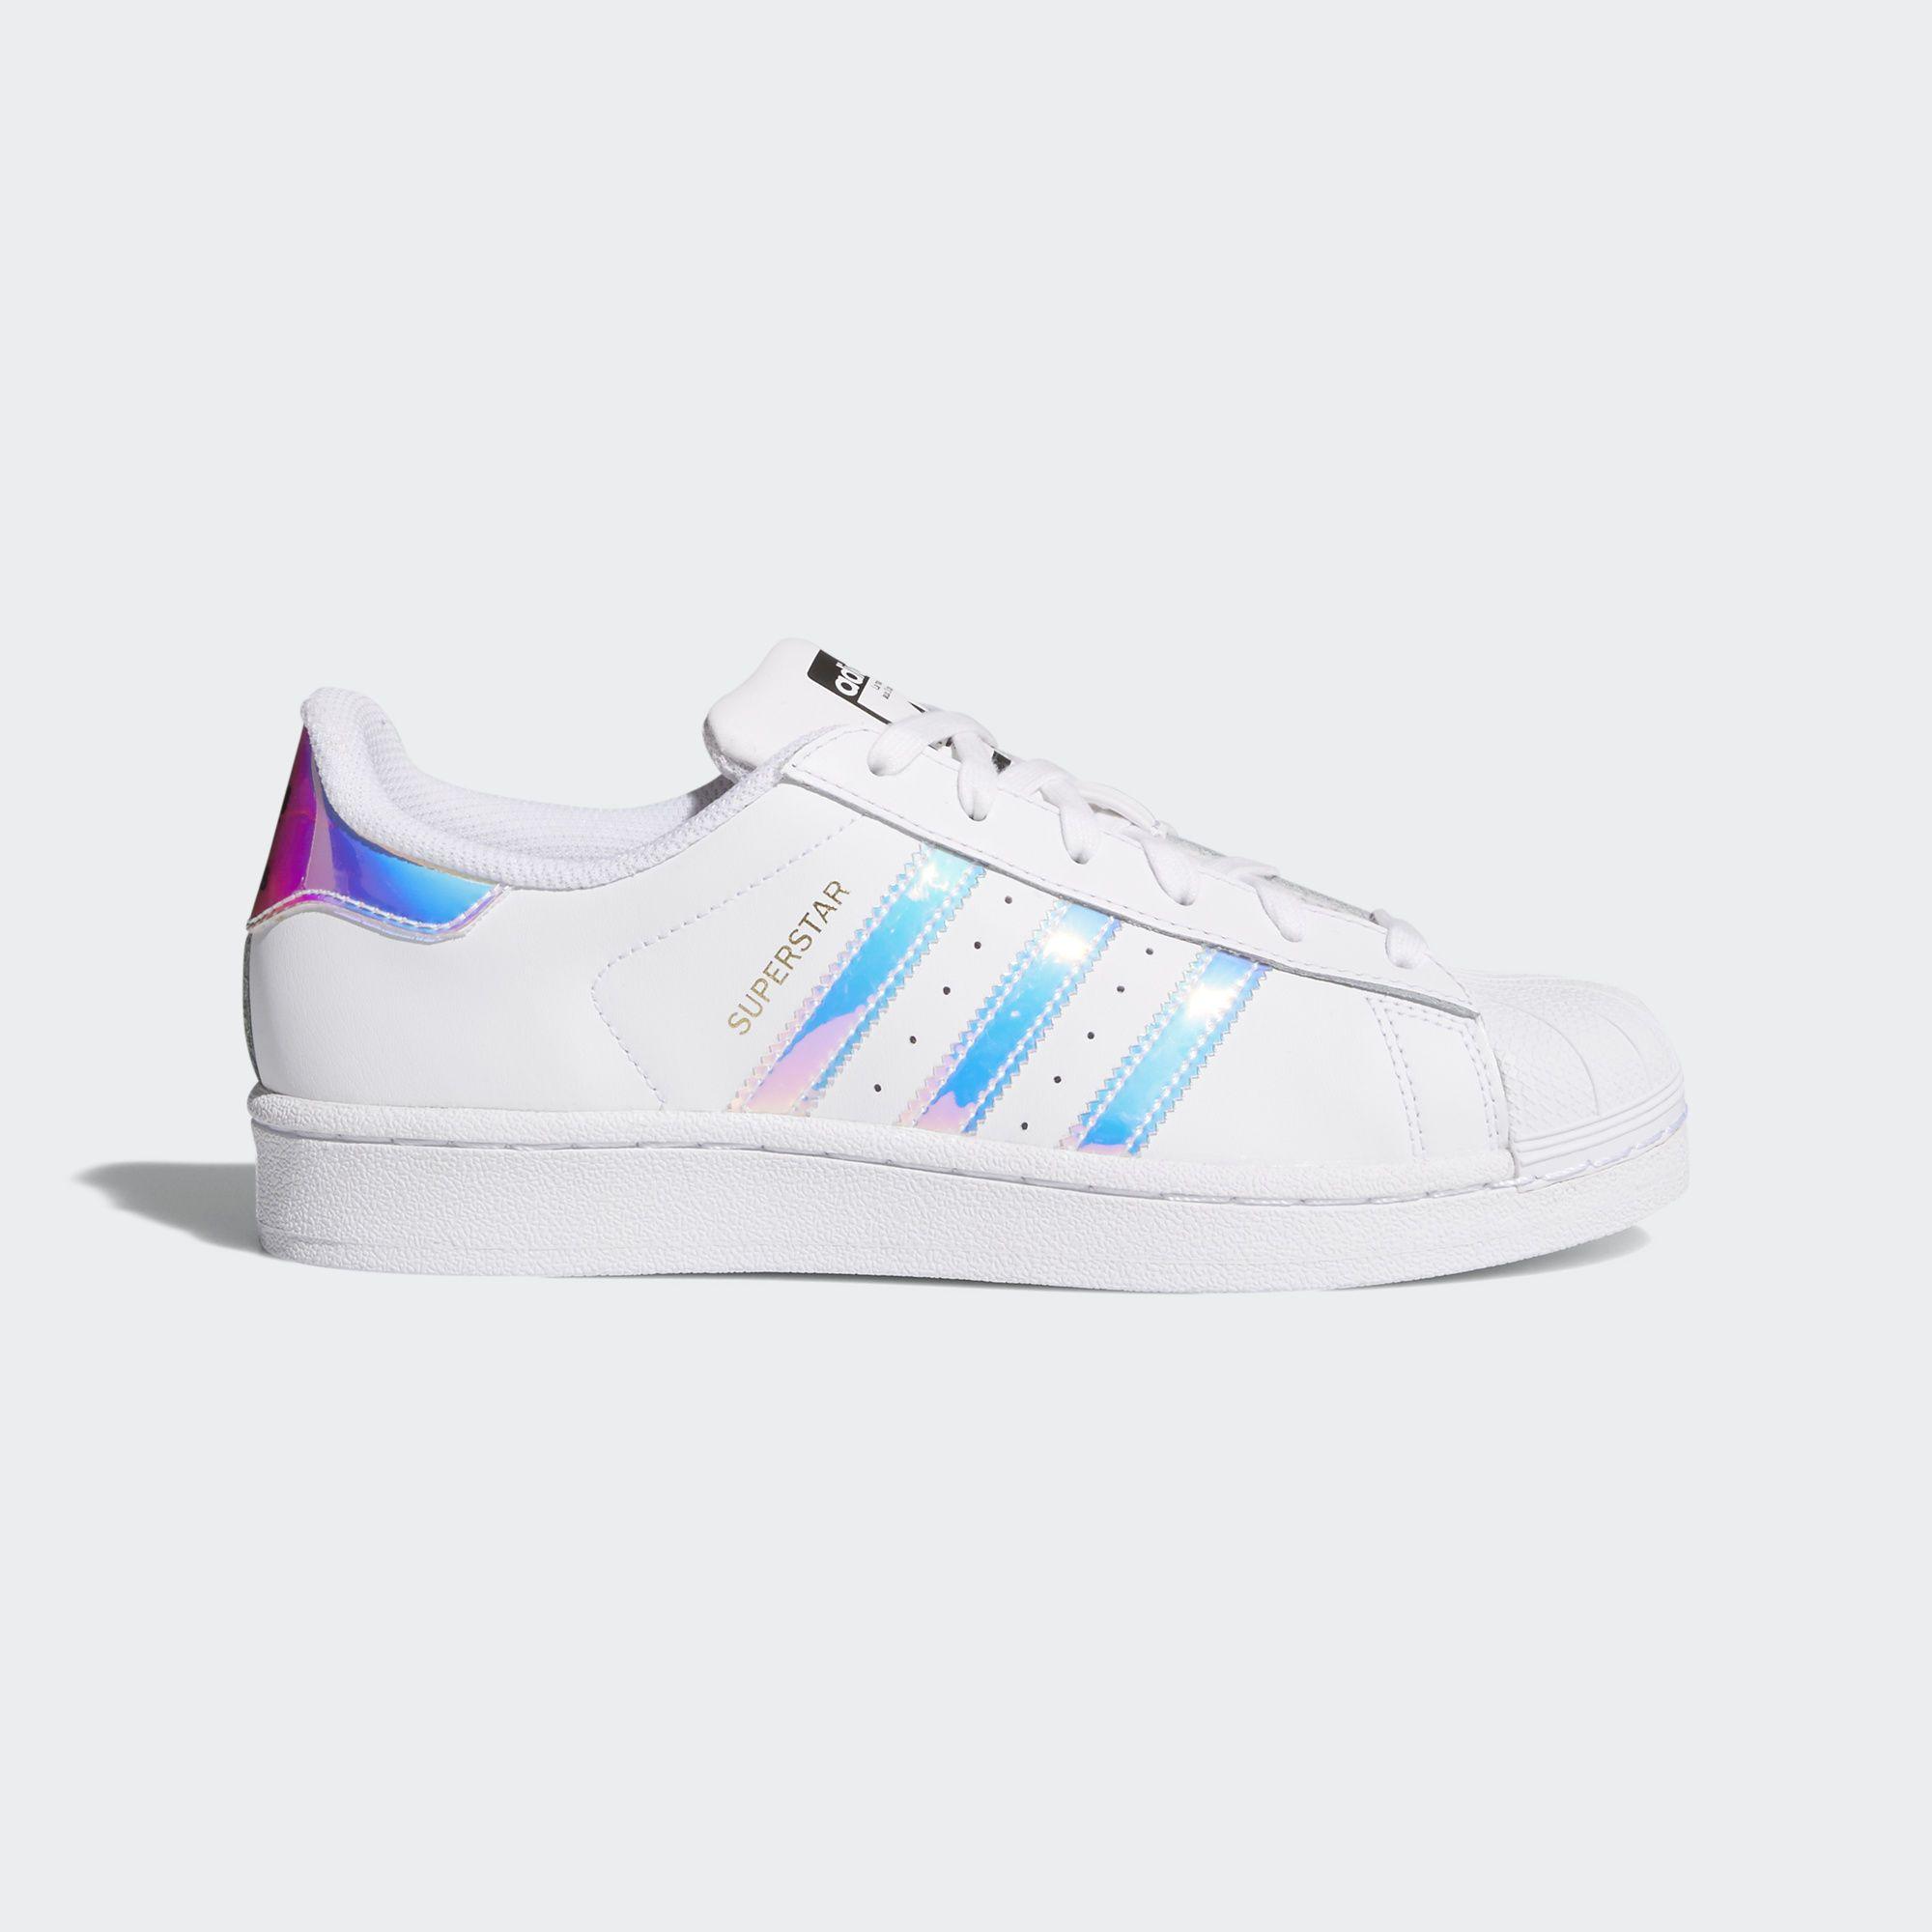 Disminución obispo acero  Adidas, AW 2018-19 | Sapatos de estrelas, Adidas superstar brancas, Super  estrela